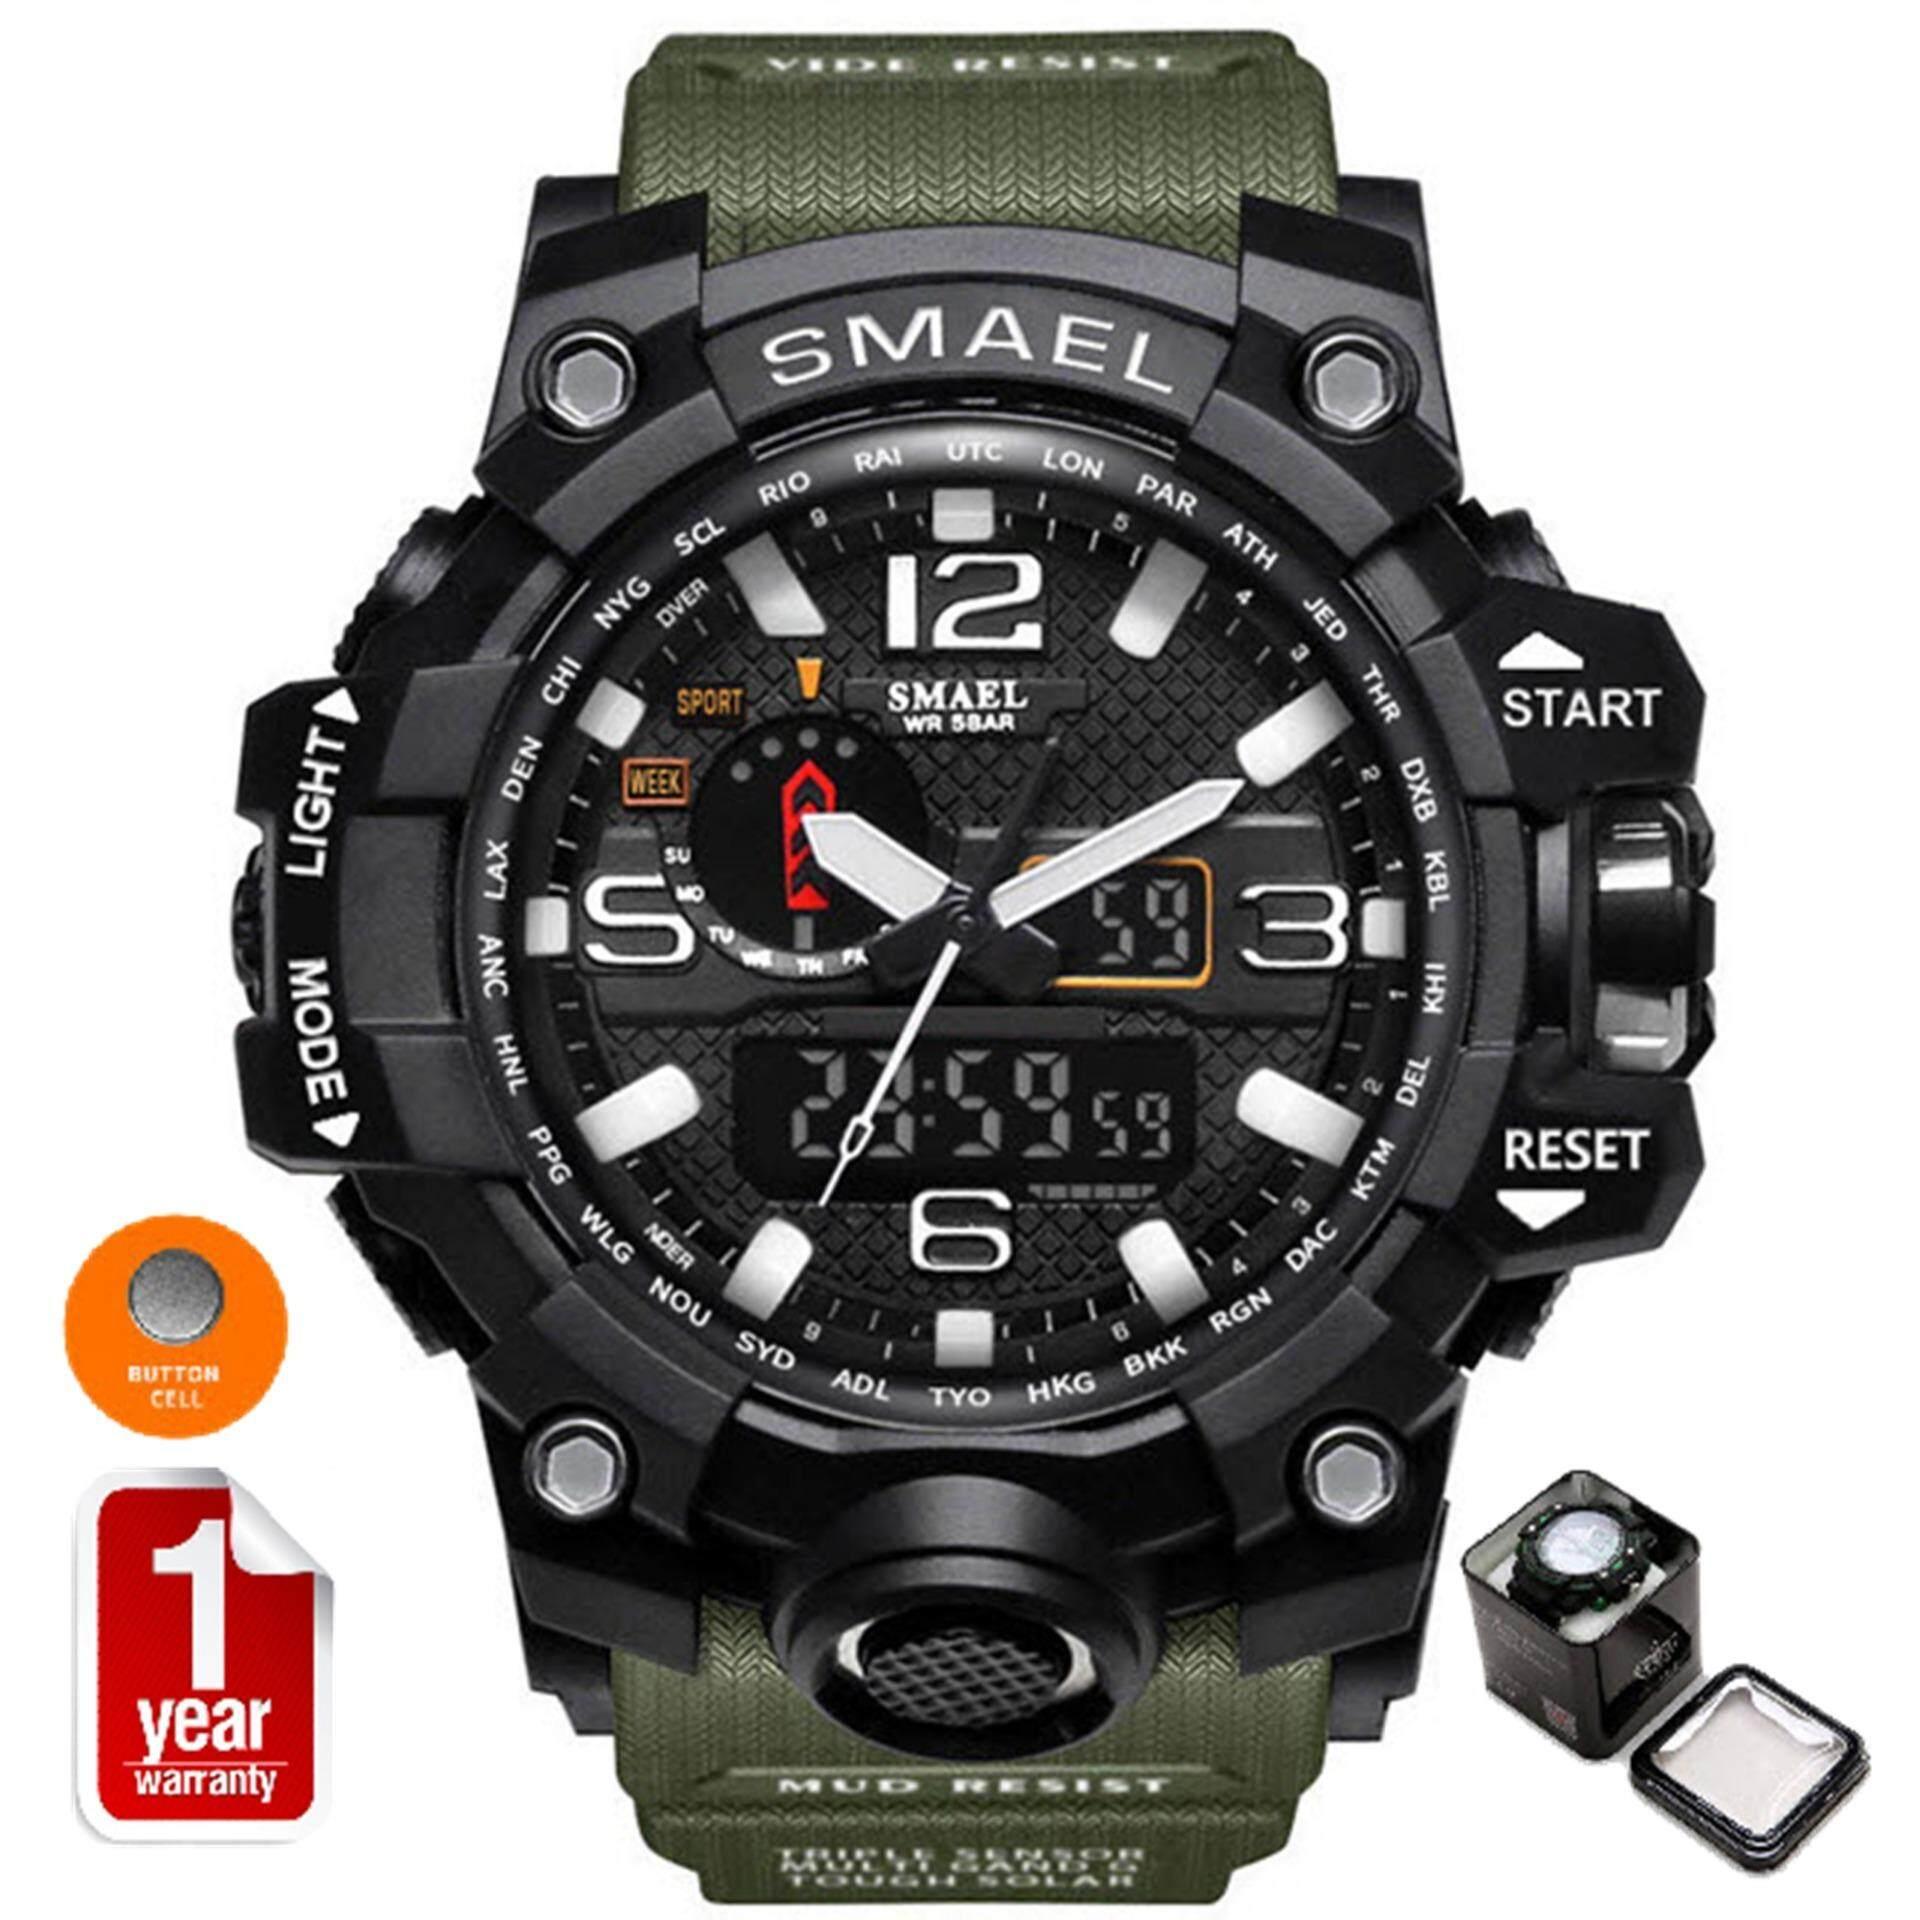 ขาย Smael นาฬิกาข้อมือผู้ชาย Sport Digital Led รุ่น Sm1545 Navy สมุทรปราการ ถูก